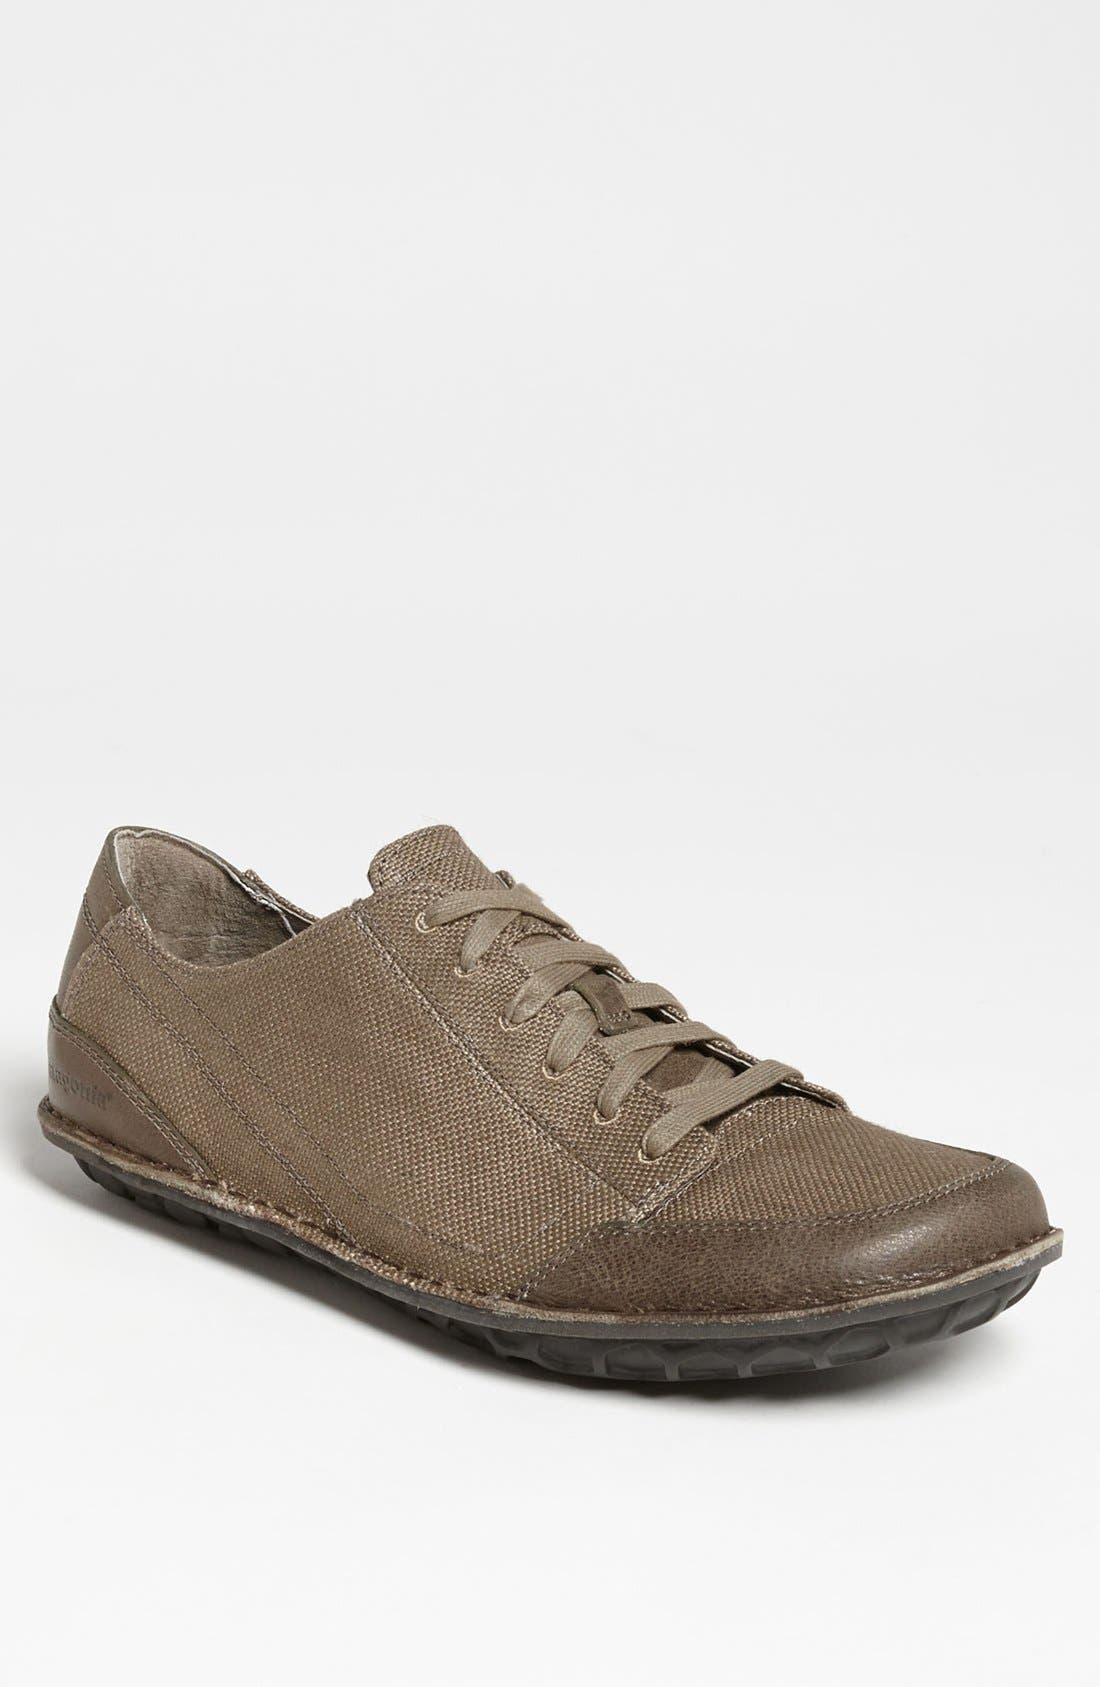 Main Image - Patagonia 'Banyan' Sneaker (Men)